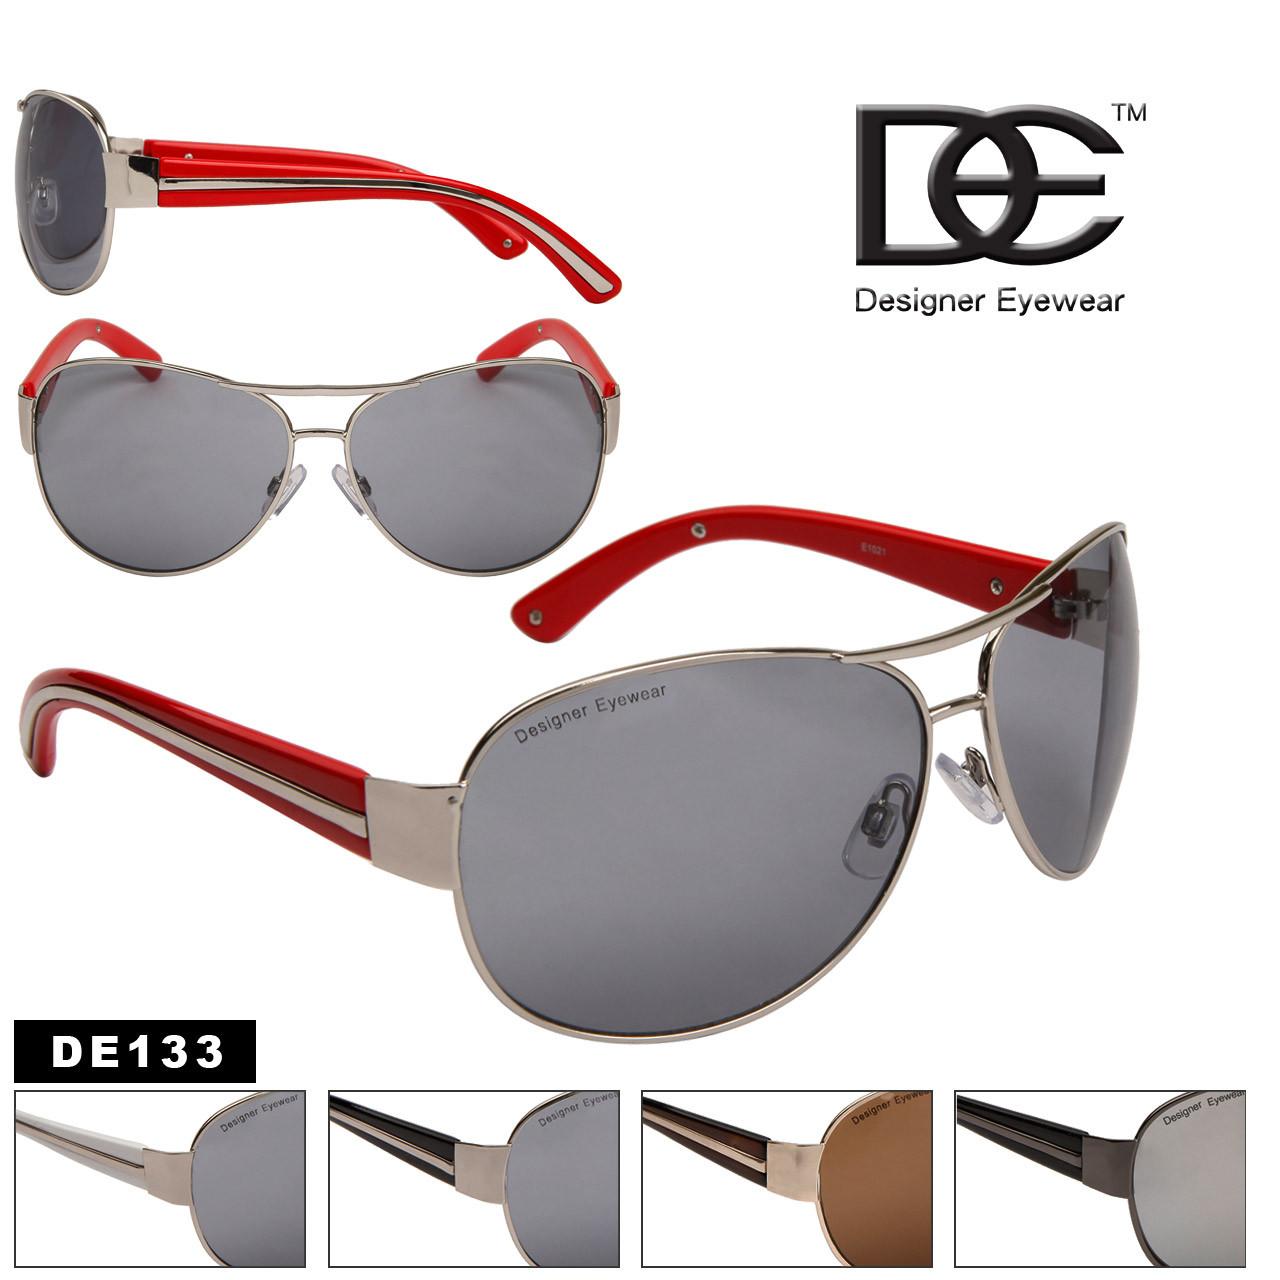 Wholesale Aviator Sunglasses DE133